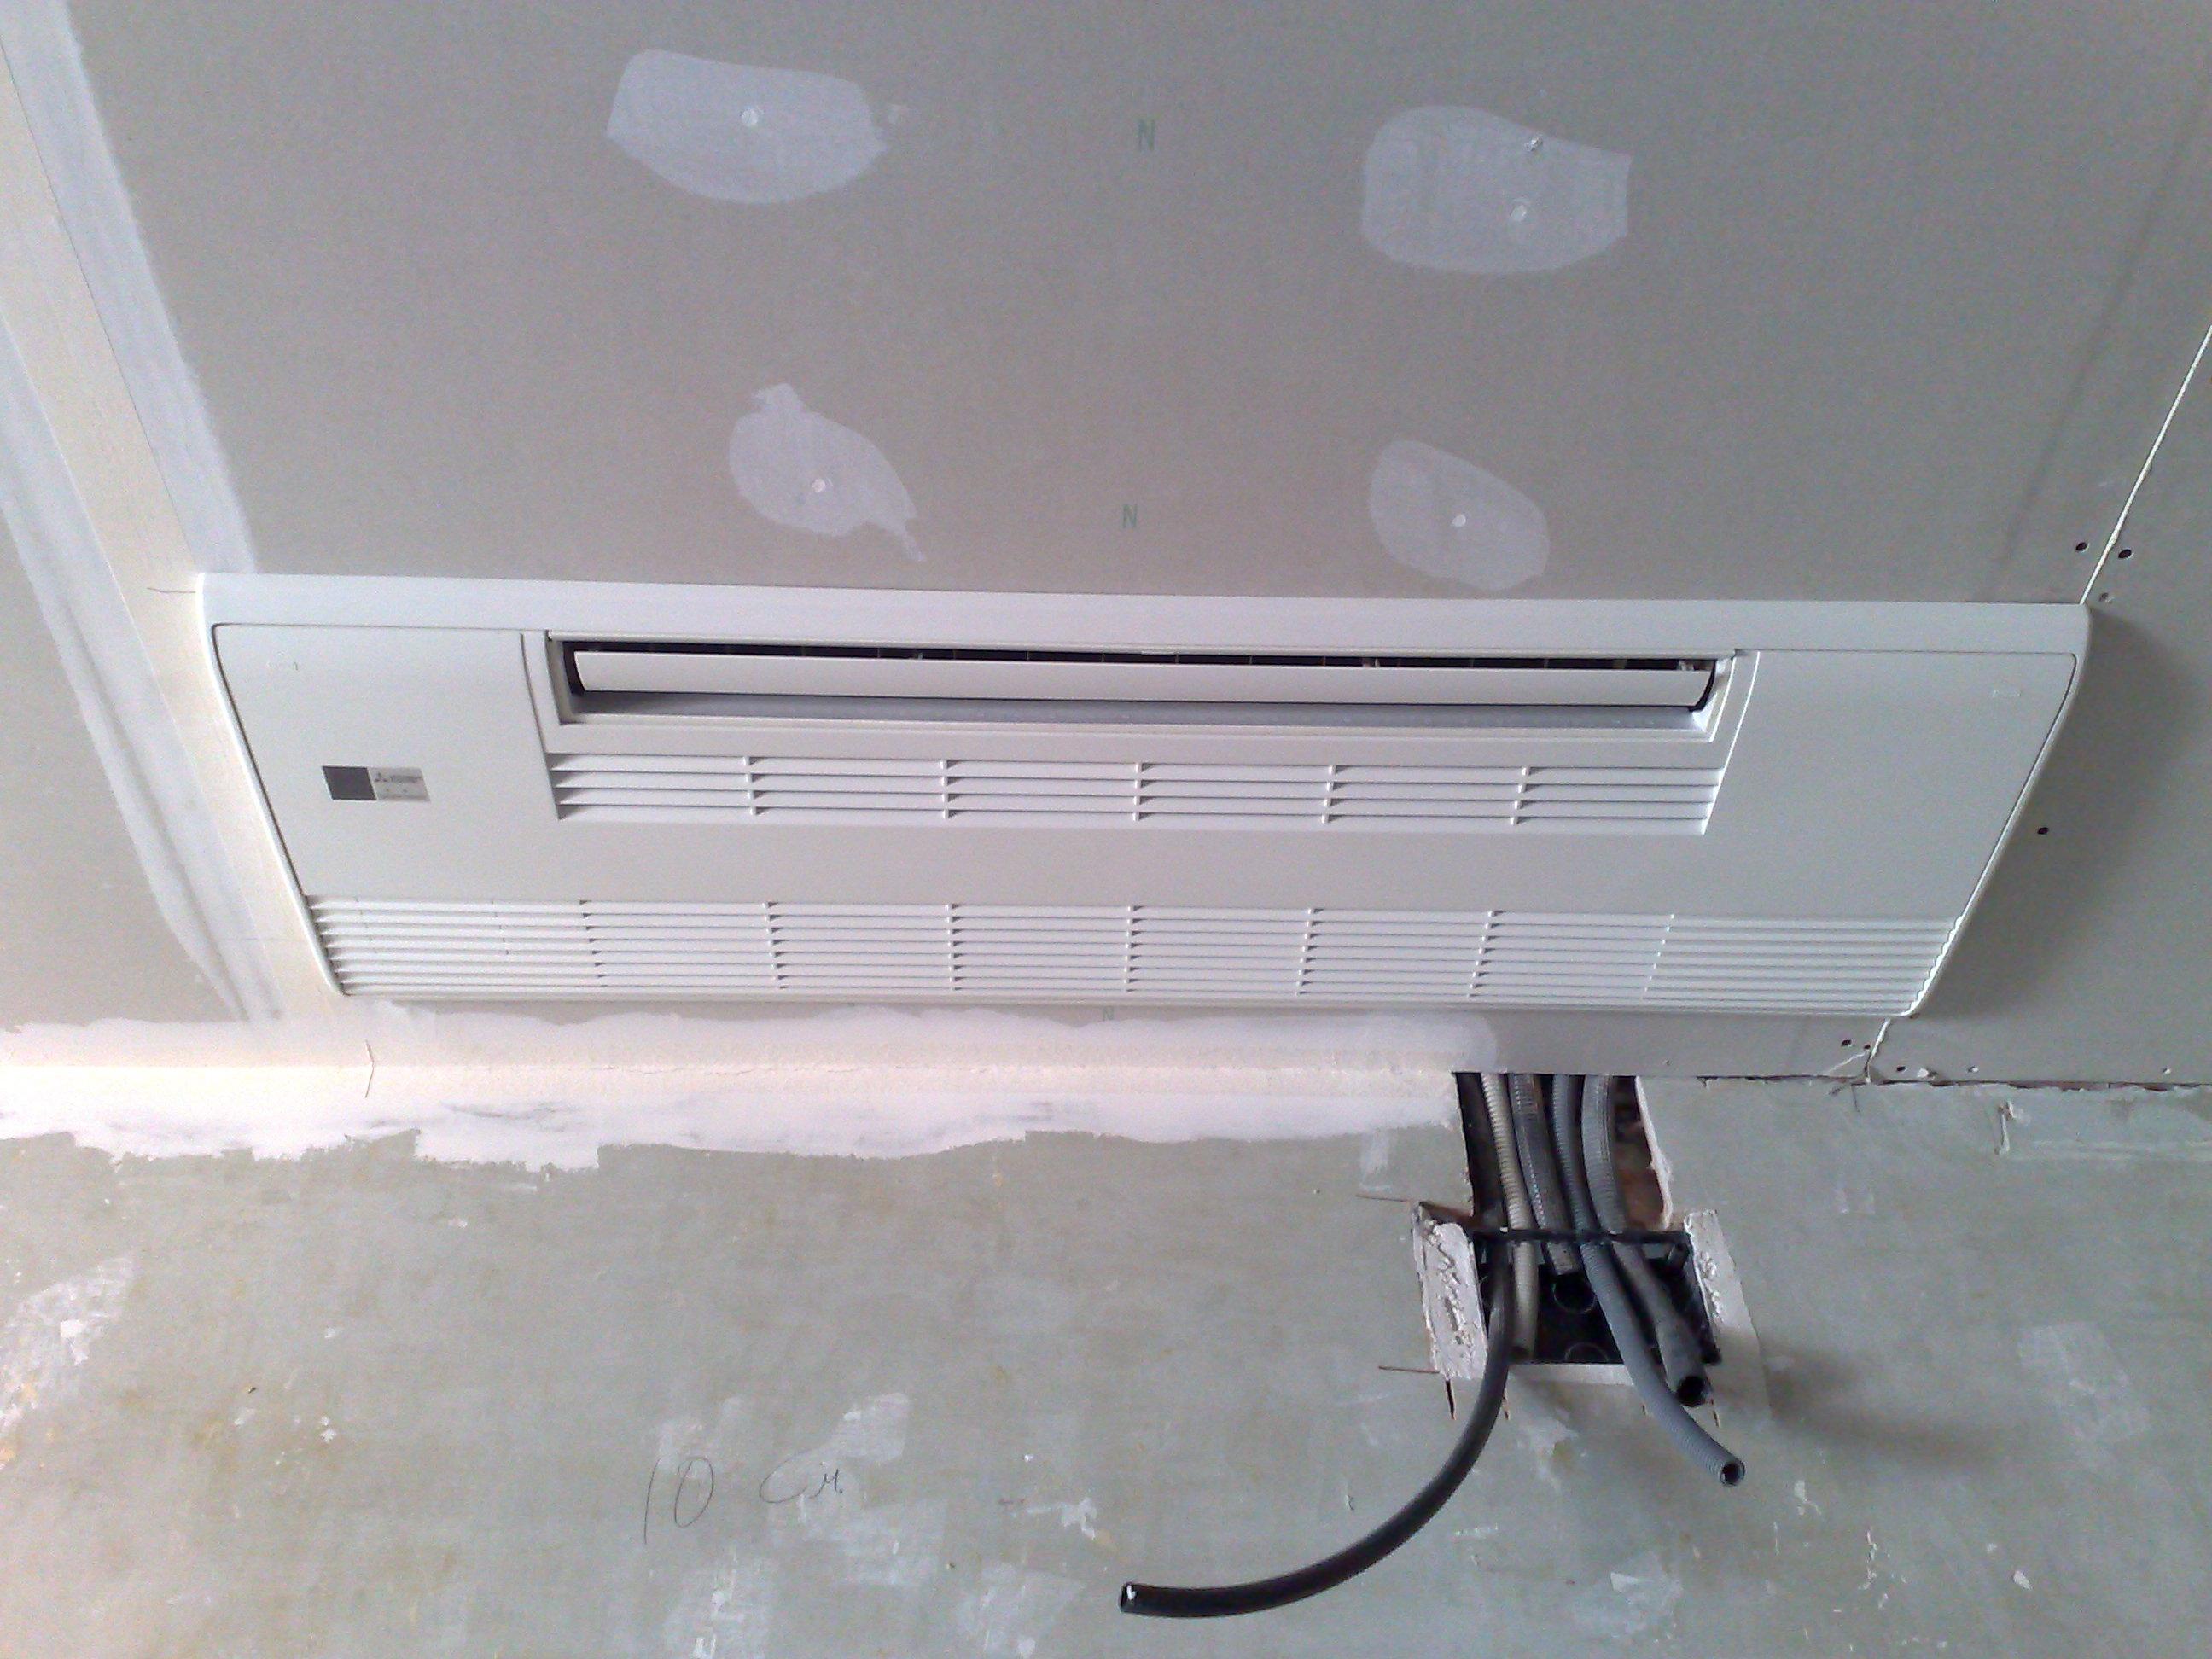 instalaci n aire acondicionado 2x1 o llamado multiesplits